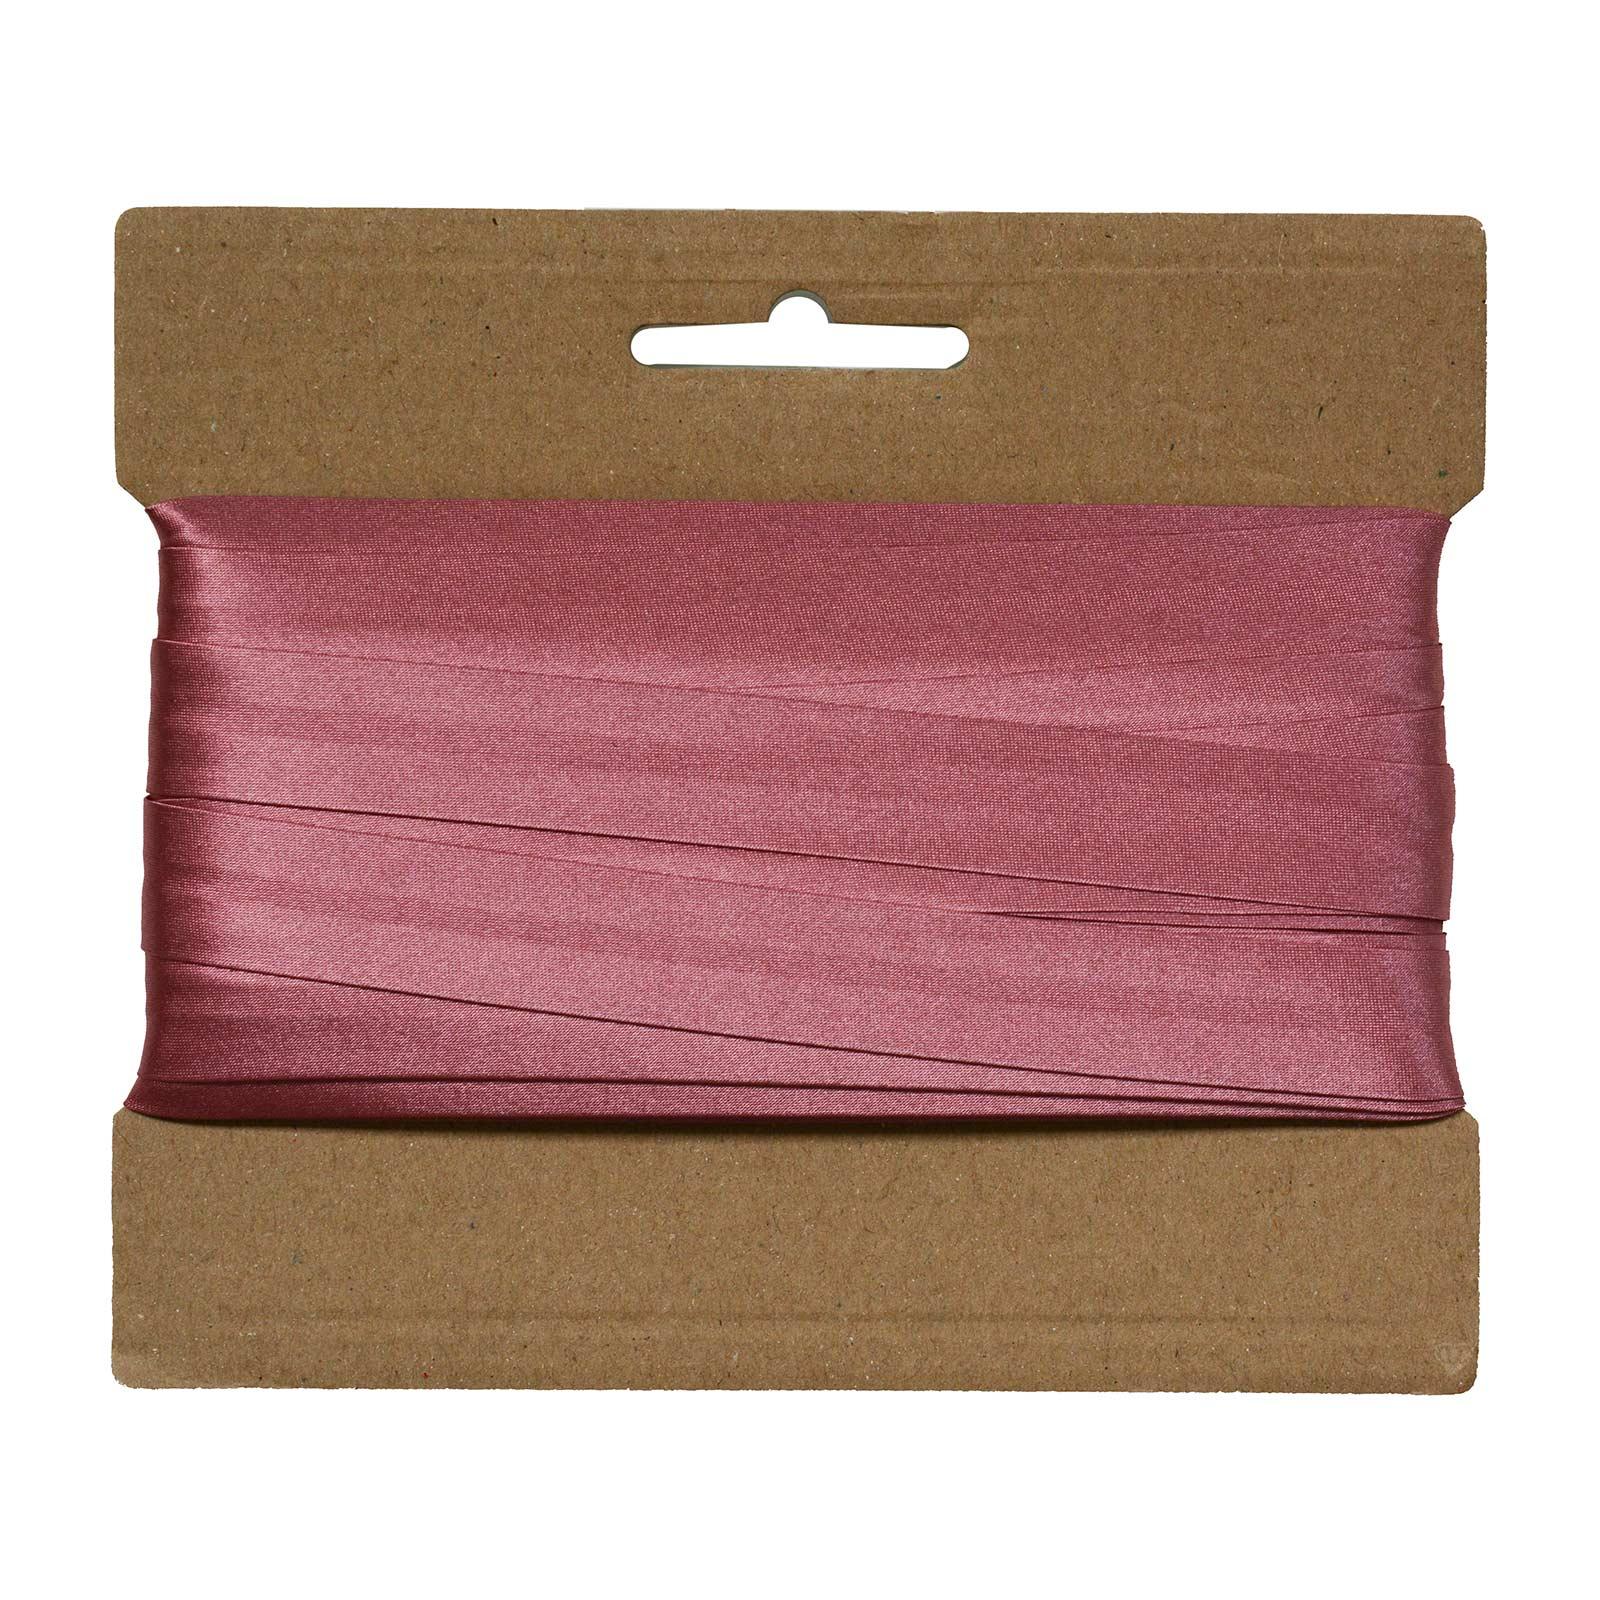 20m Schrägband Satin 20mm gefalzt Kantenband Einfassband 29 Farben wählbar – Bild 22